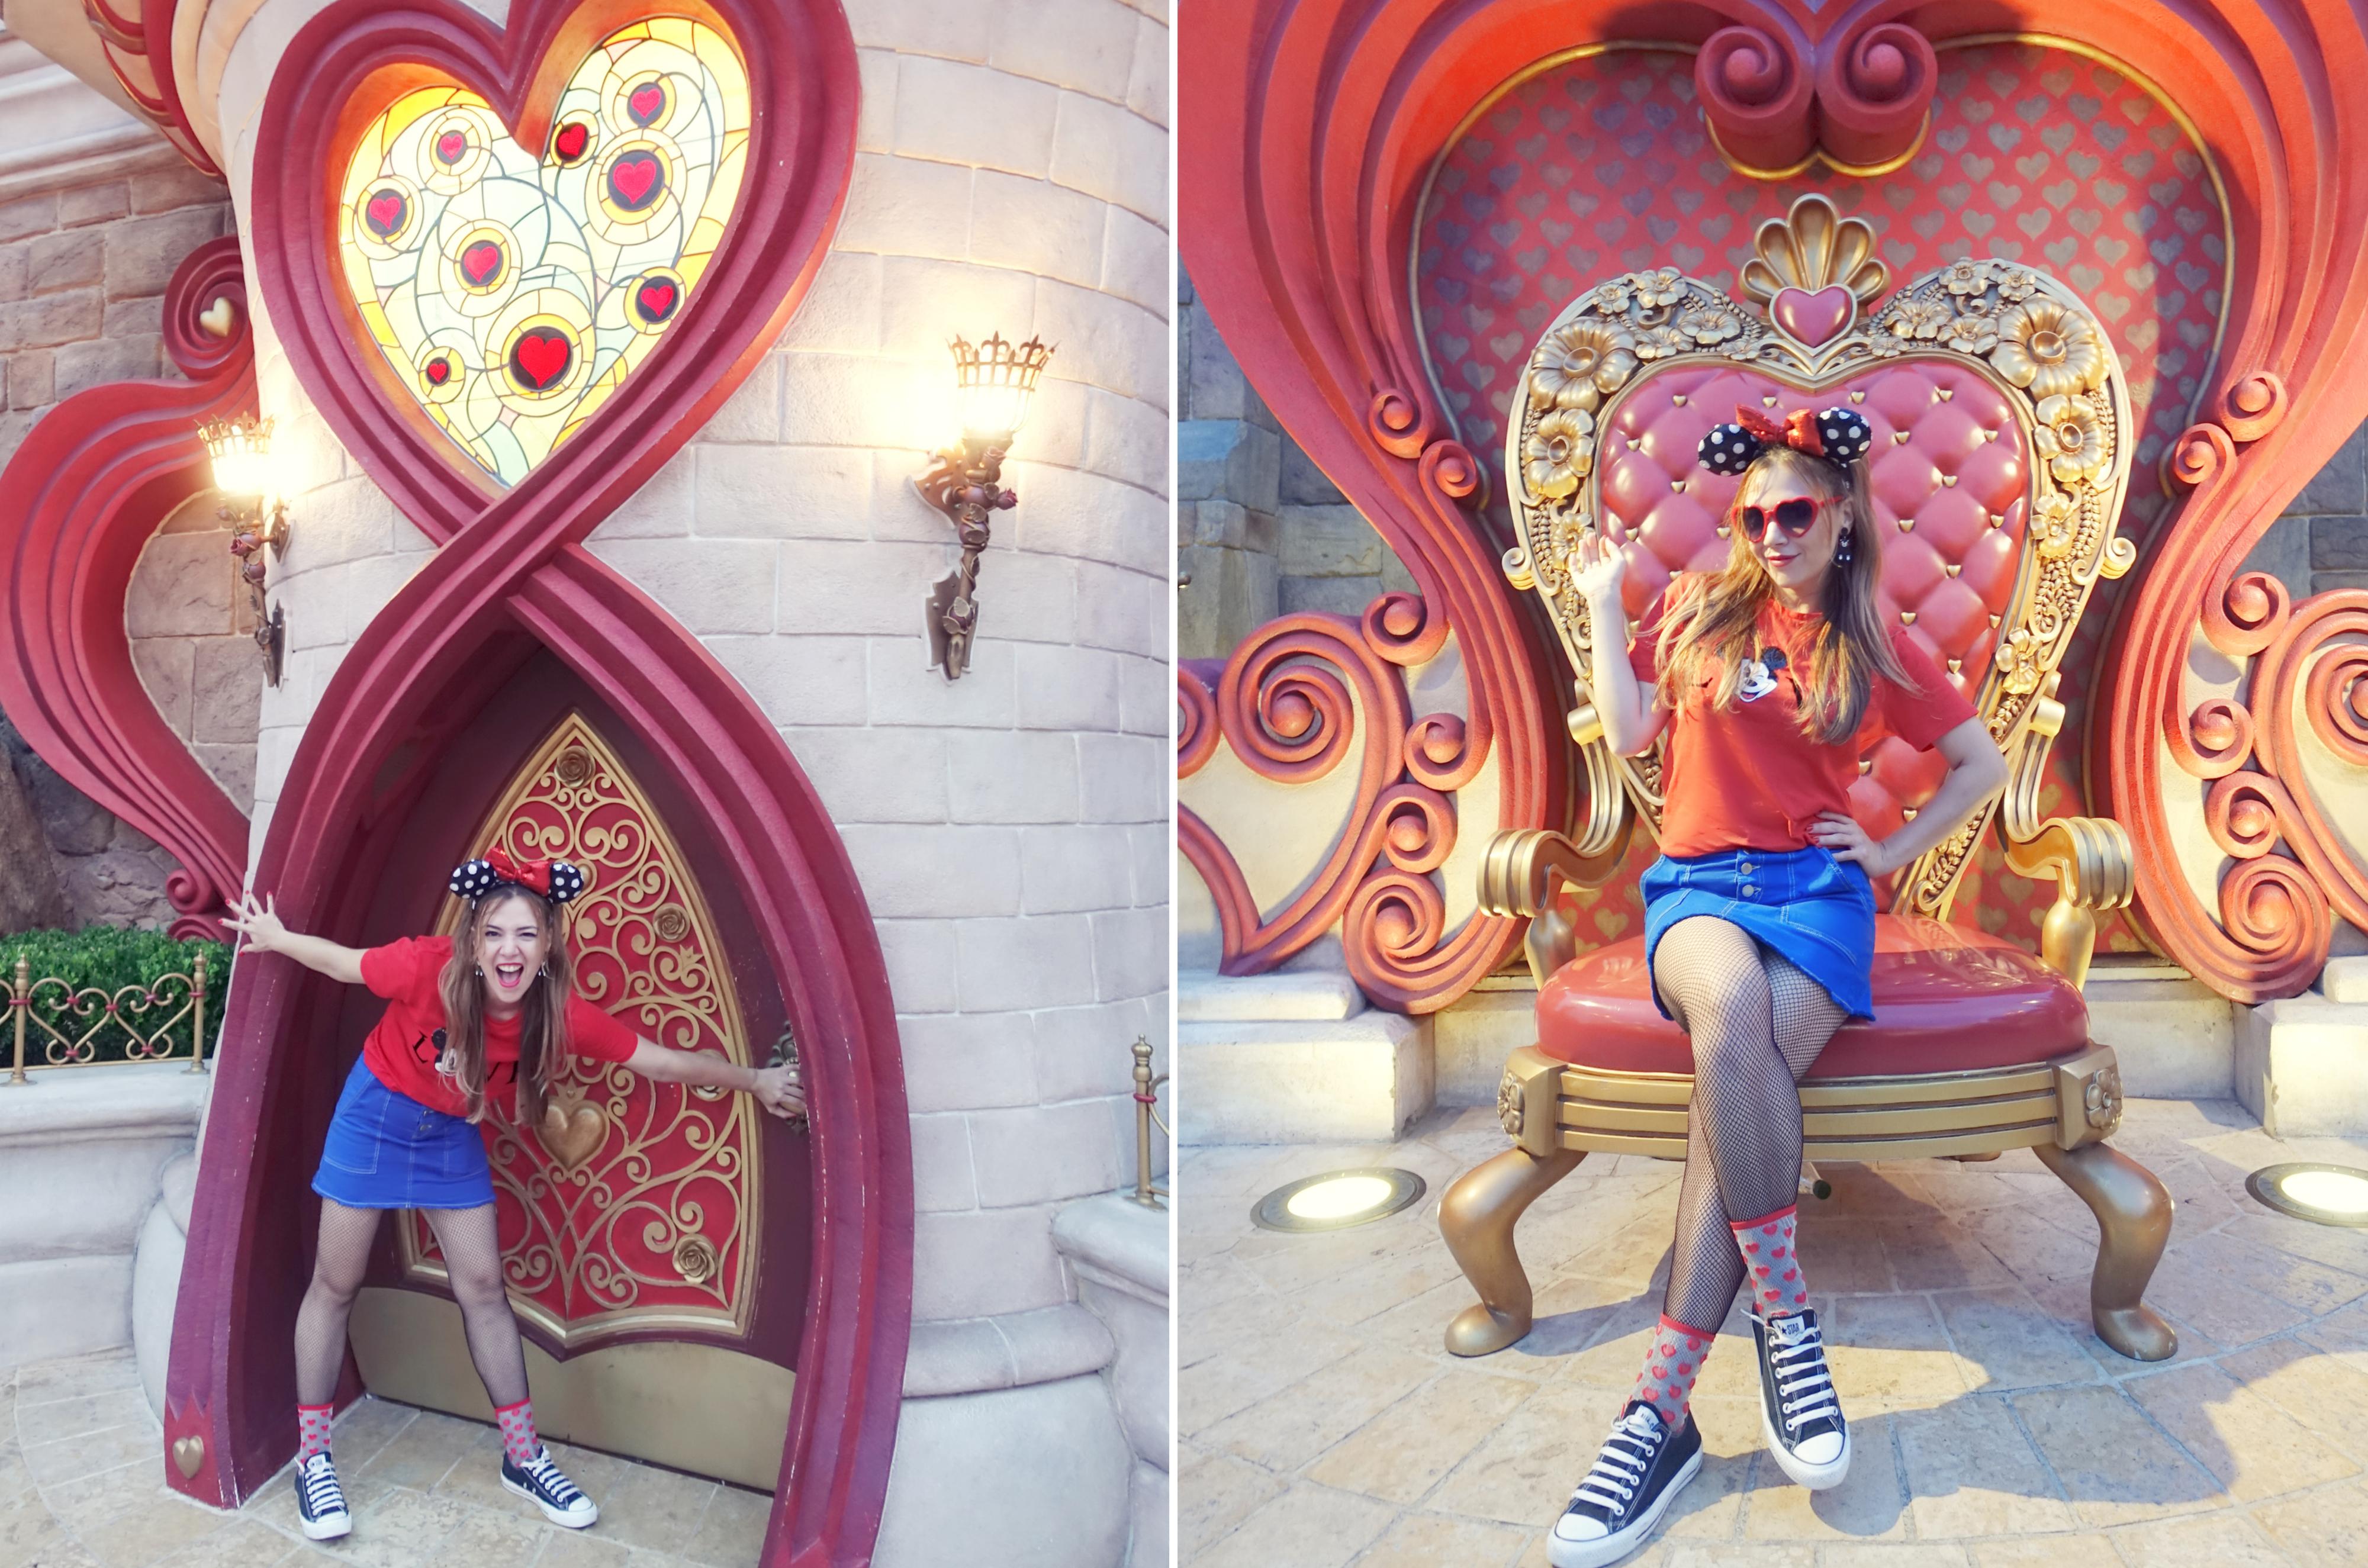 Alicia-en-el-pais-de-las-maravilla-Shanghai-Disney-Resort-Chicadicta-travel-fashion-influencer-PiensaenChic-blog-de-moda-Reina-de-corazones-Disney-look-converse-style-Chic-adicta-Piensa-en-Chic